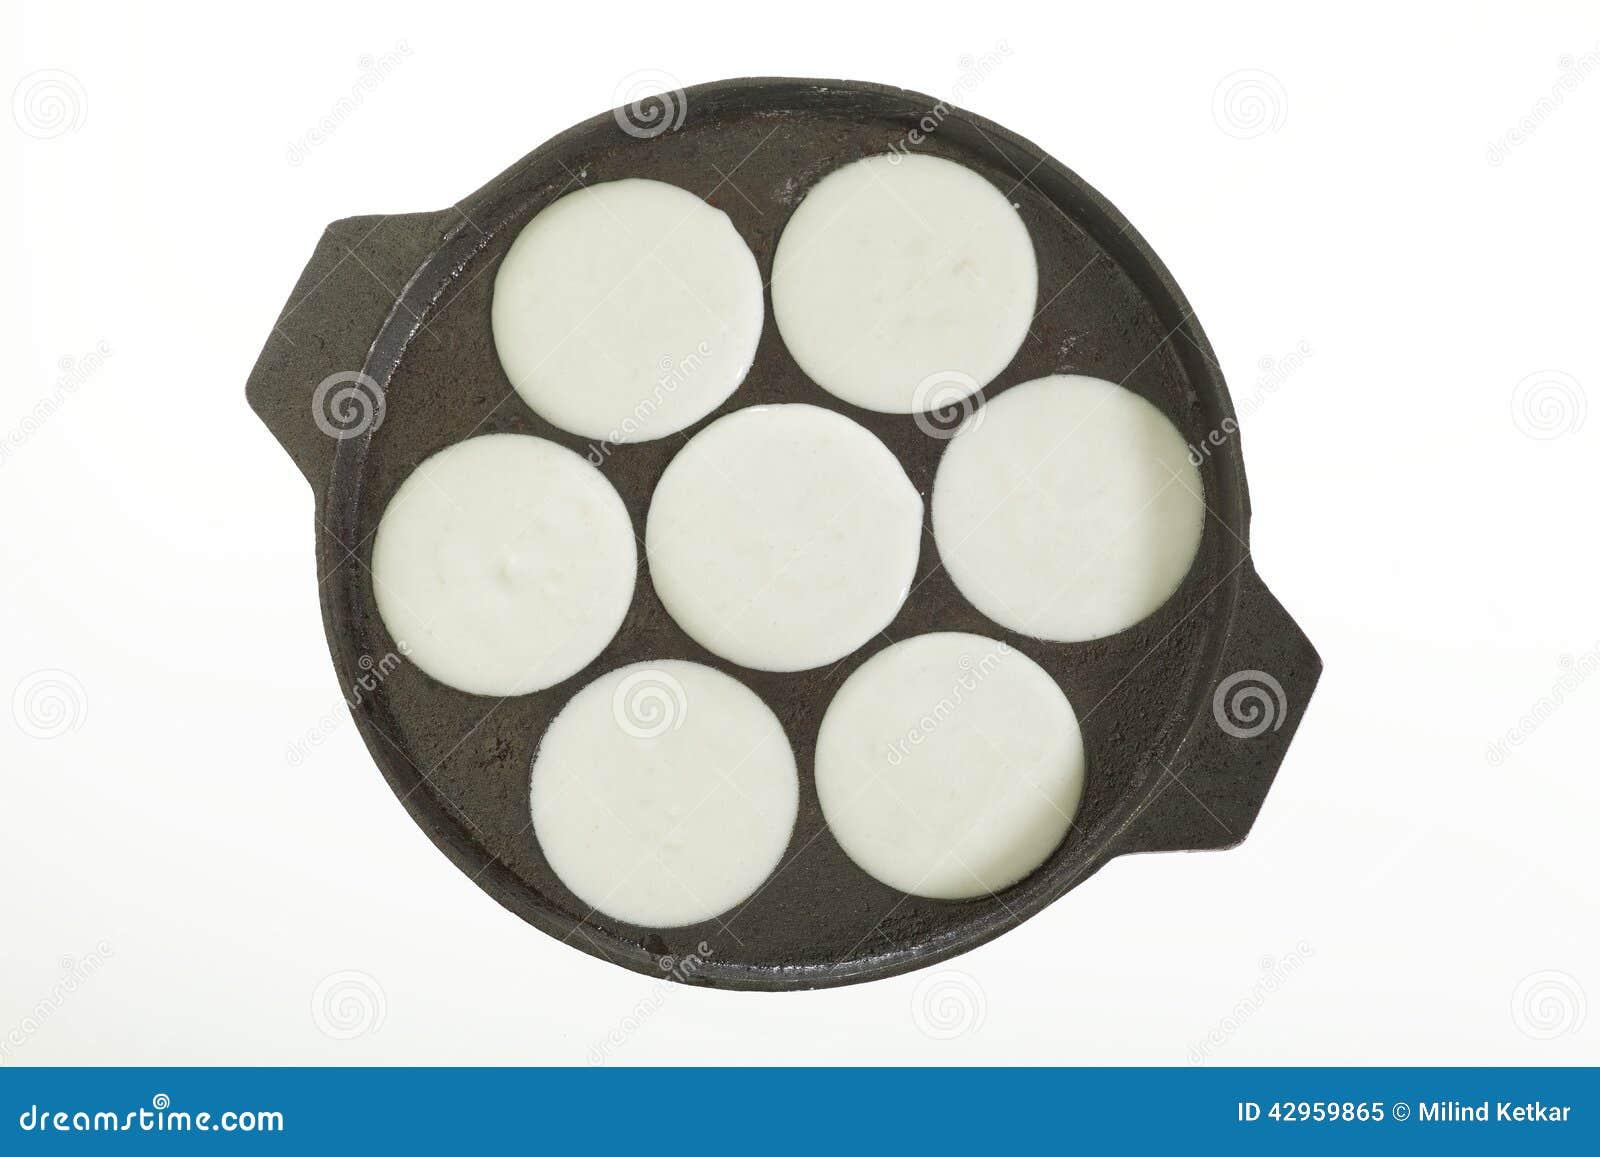 la casserole a rempli de p te de riz pour faire cuire idly. Black Bedroom Furniture Sets. Home Design Ideas